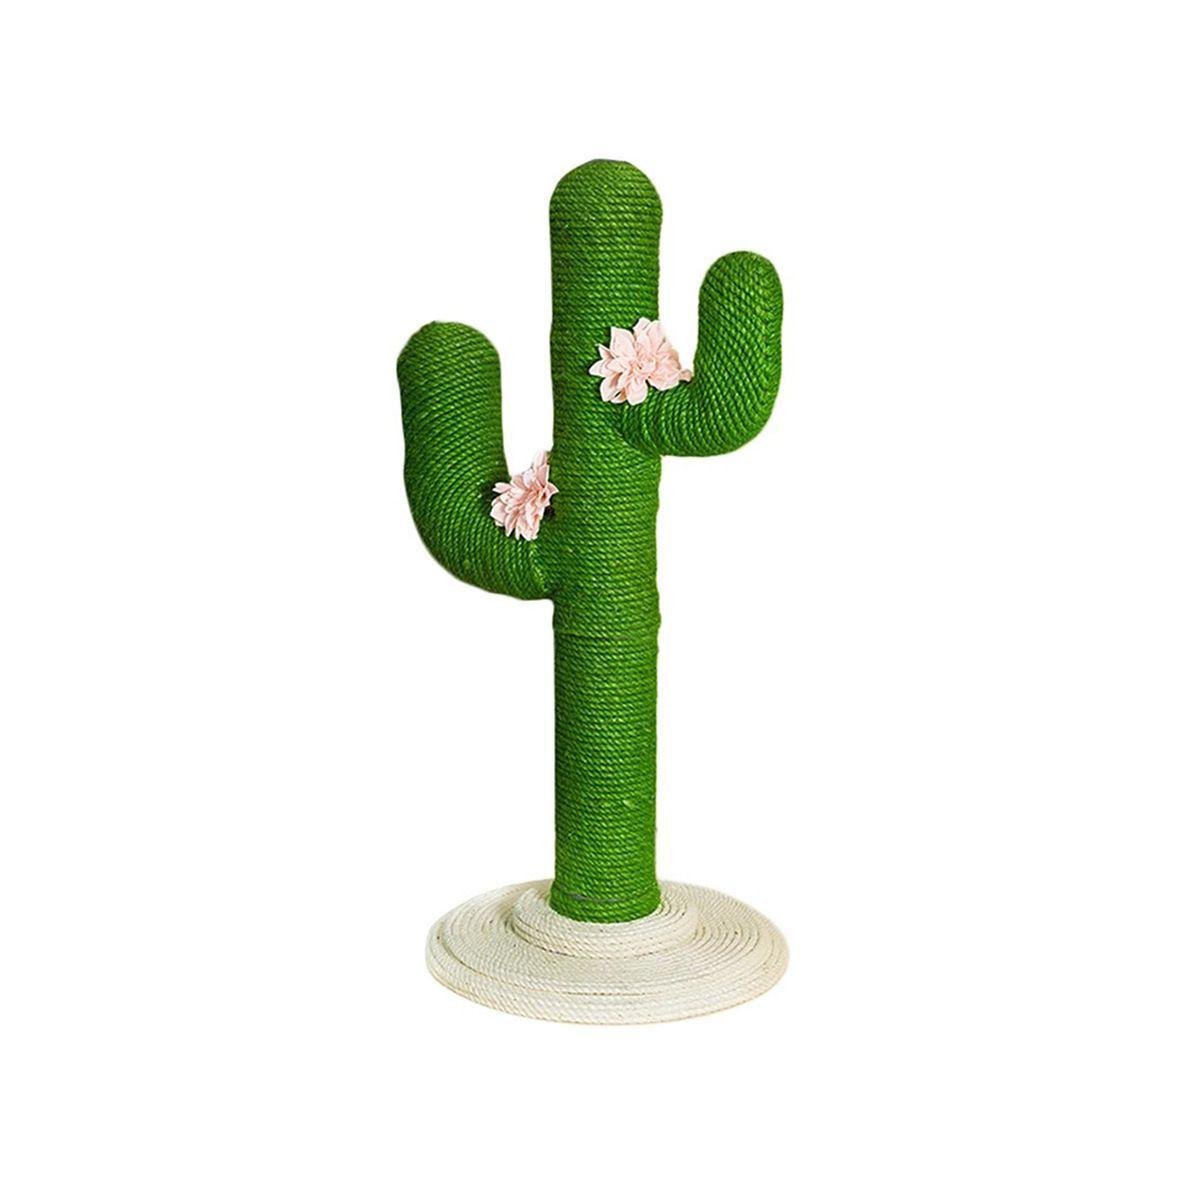 Katze Klettergerüst Haustier Spielzeug Molu Natürliche Jute Seil Kaktus katze baum haus kätzchen haus regal seil turm scratcher post möbel